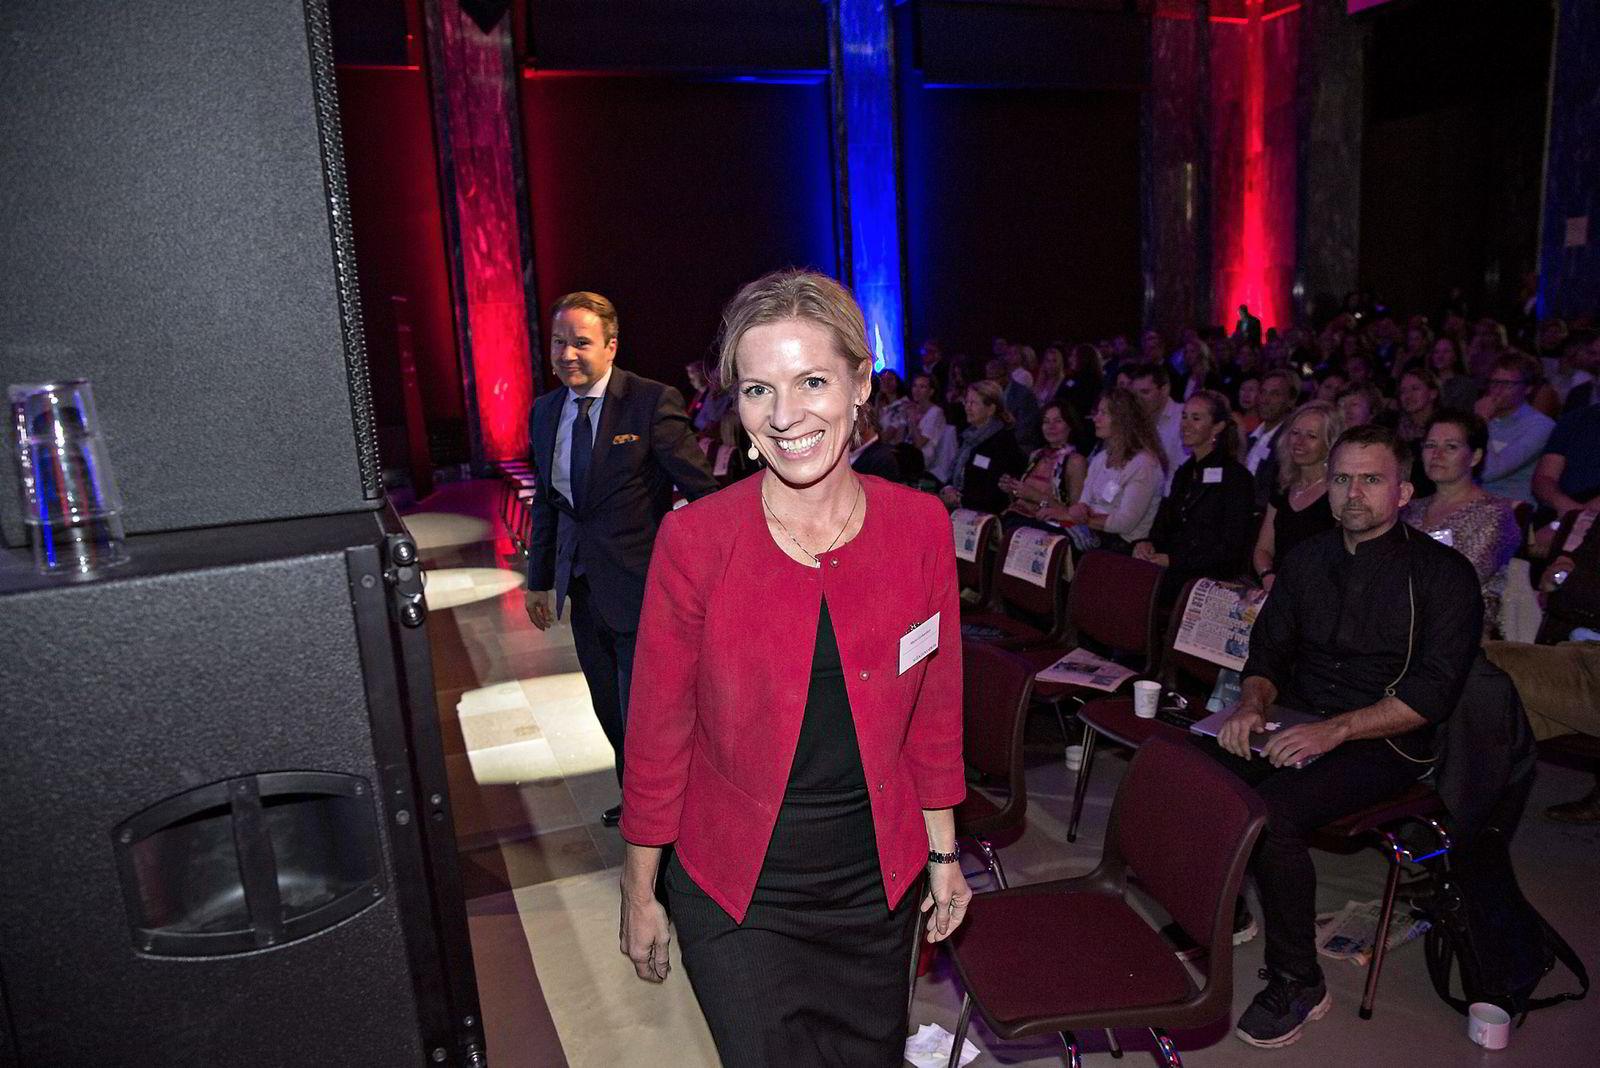 Paneldebatt med bl.a. Lars Erik Grønntun (CEO i Hill+Knowlton EMEA) (bakerst) og Marte Gerhardsen (leder av Agenda).